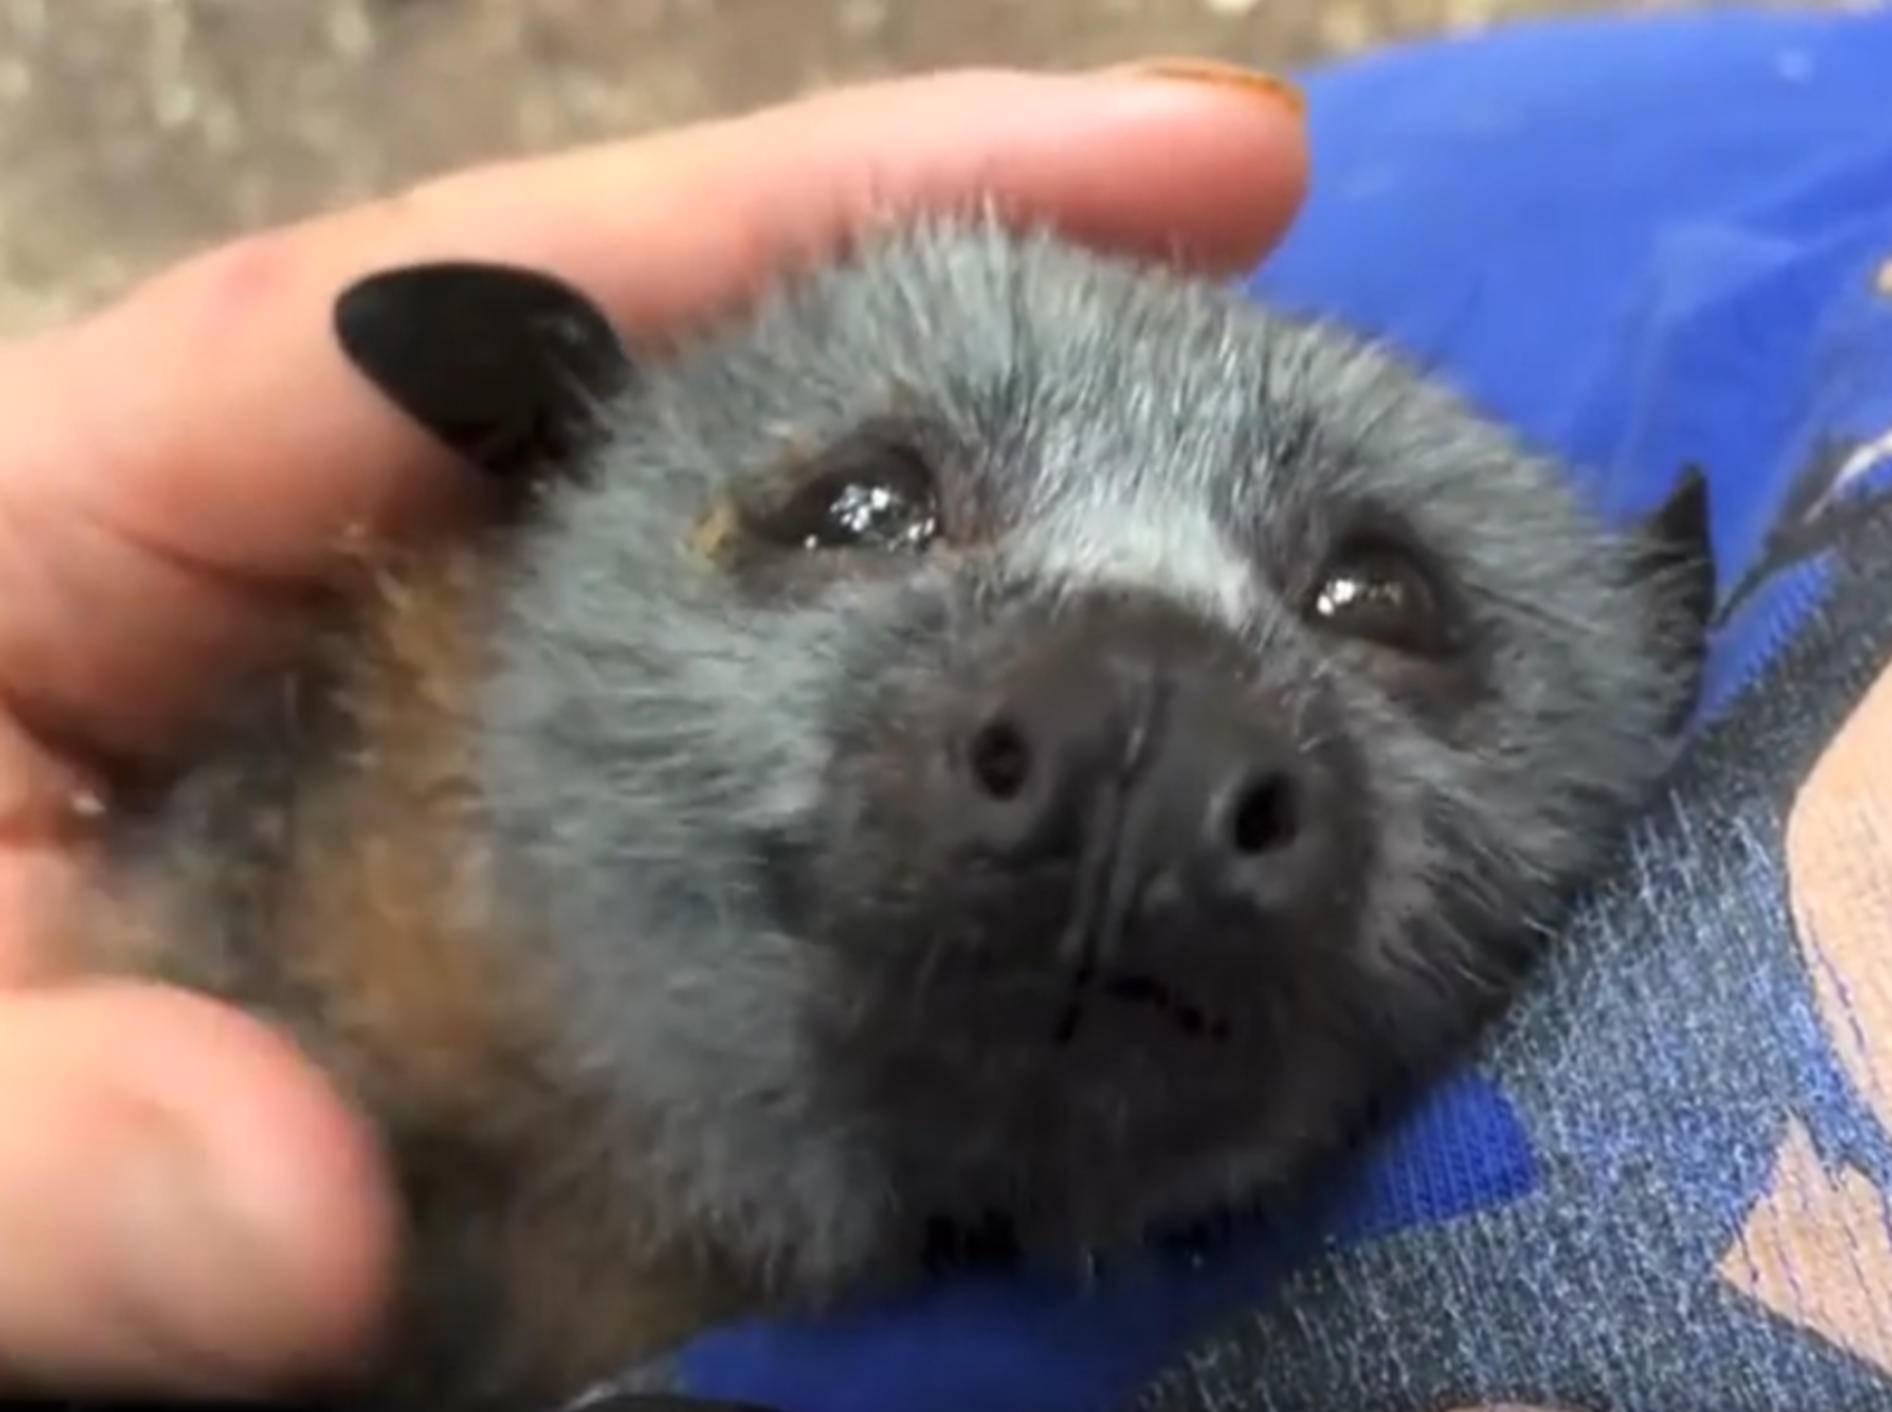 Baby-Fledermaus quiekt beim Kuscheln – YouTube / Megabattie